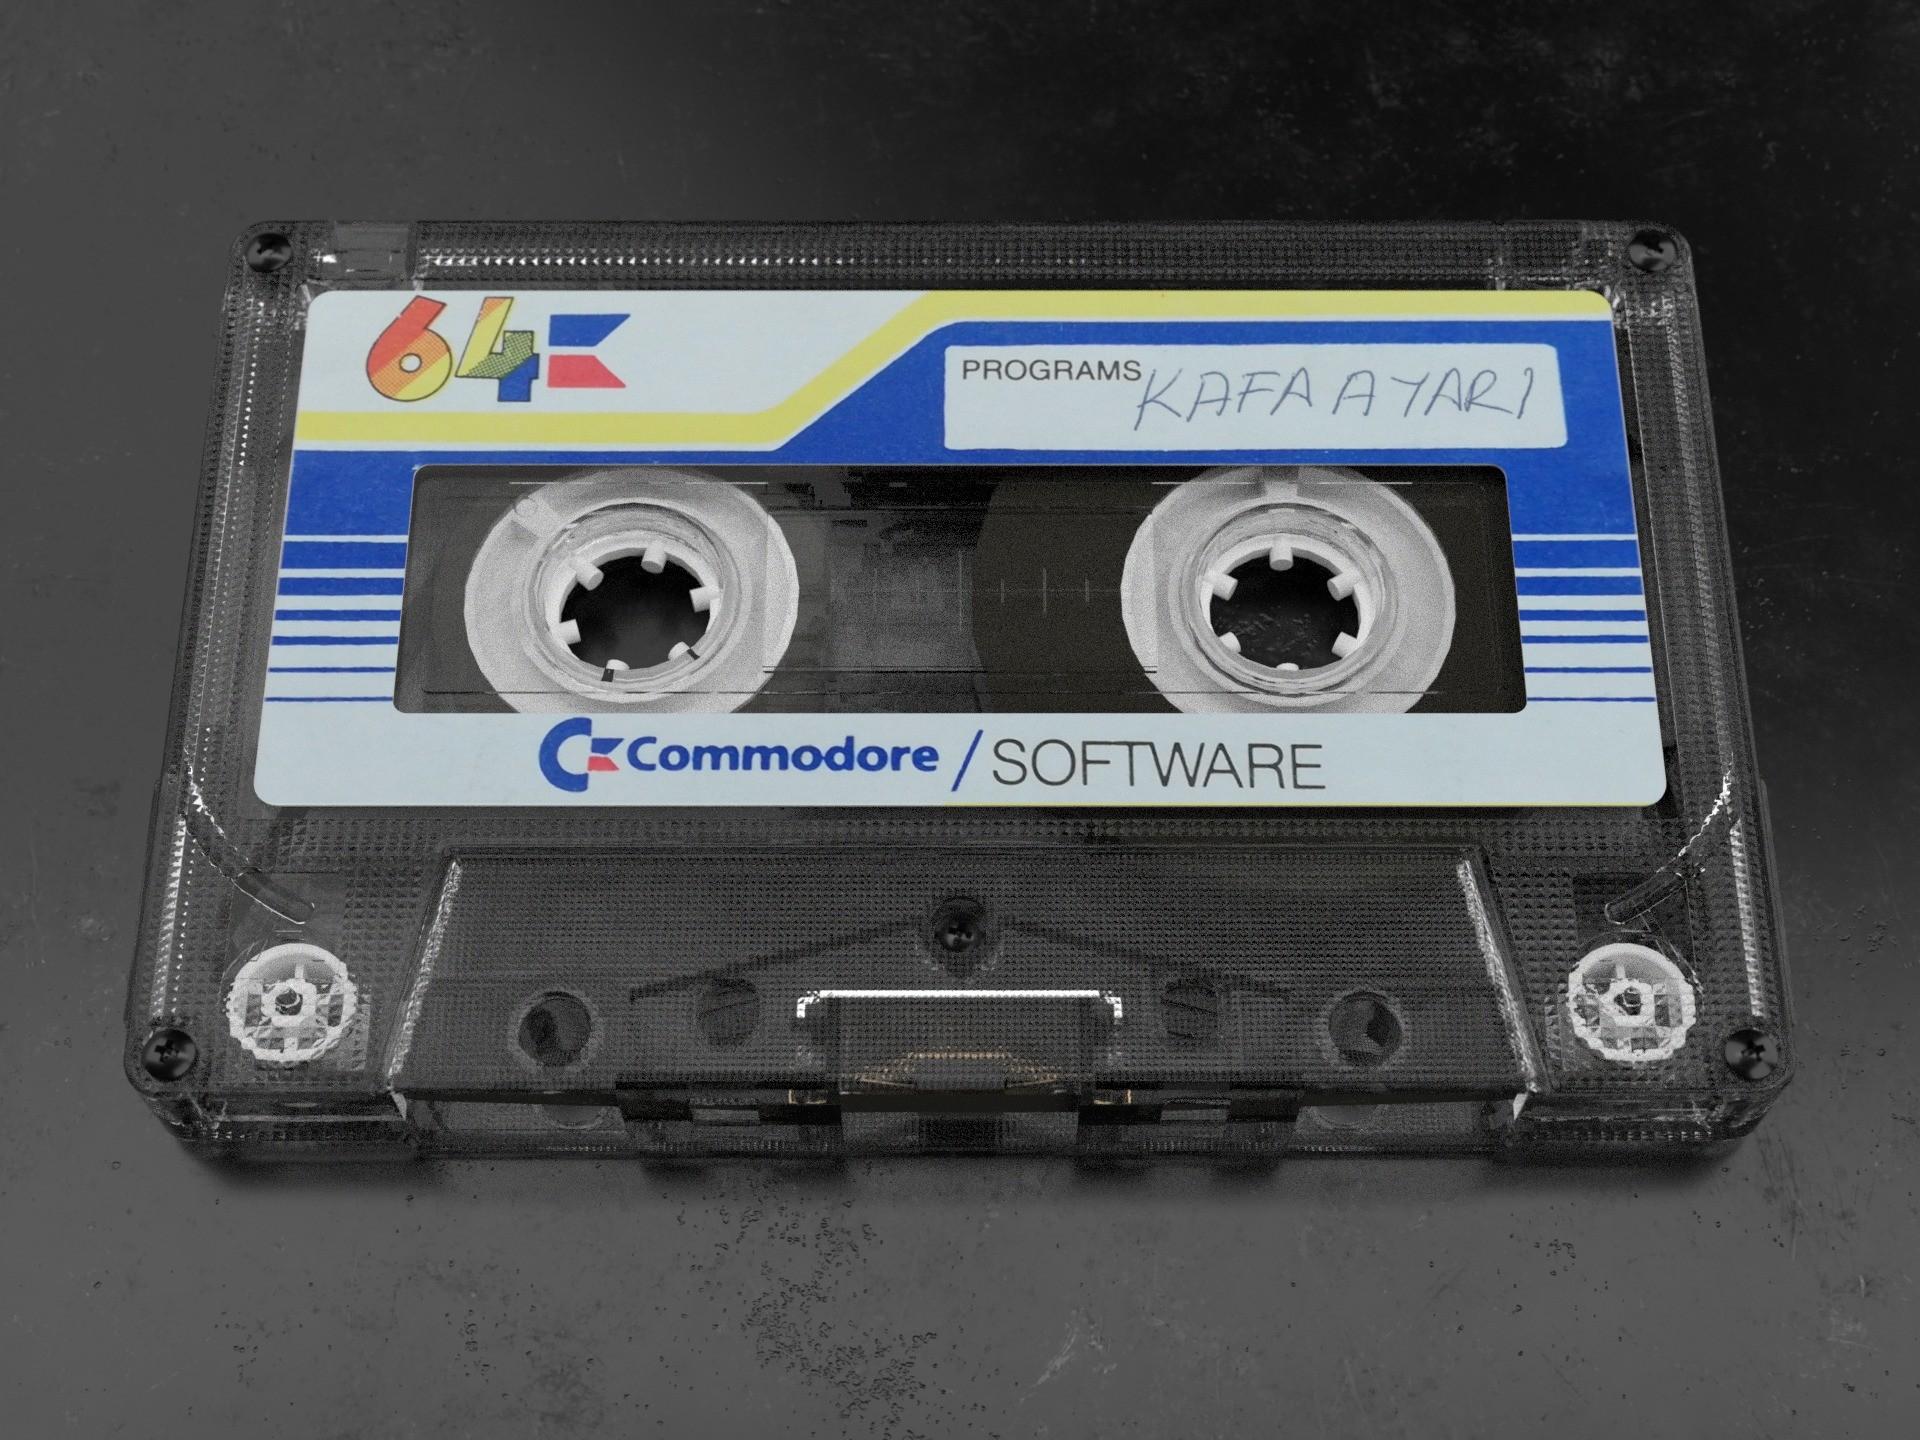 Cem tezcan cassette 00003